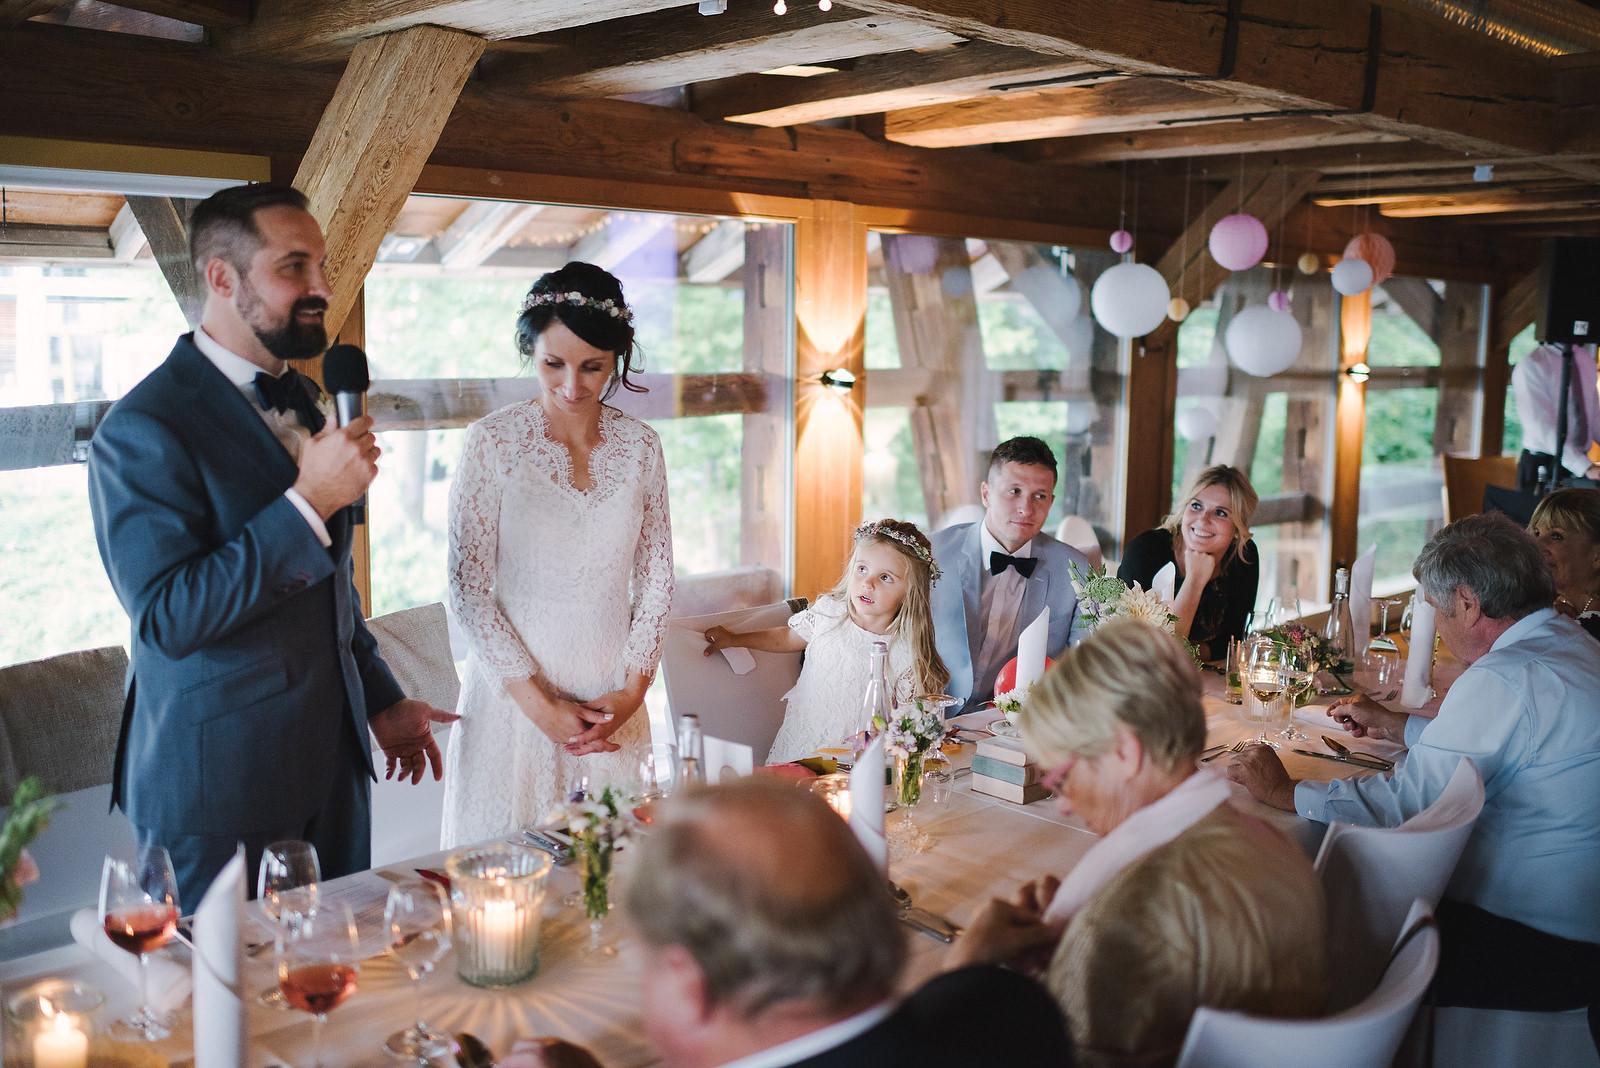 Fotograf Konstanz - Hochzeitsfotograf Reutlingen Achalm Hochzeit EFP 79 - Documentary wedding story on the Achalm, Reutlingen  - 65 -